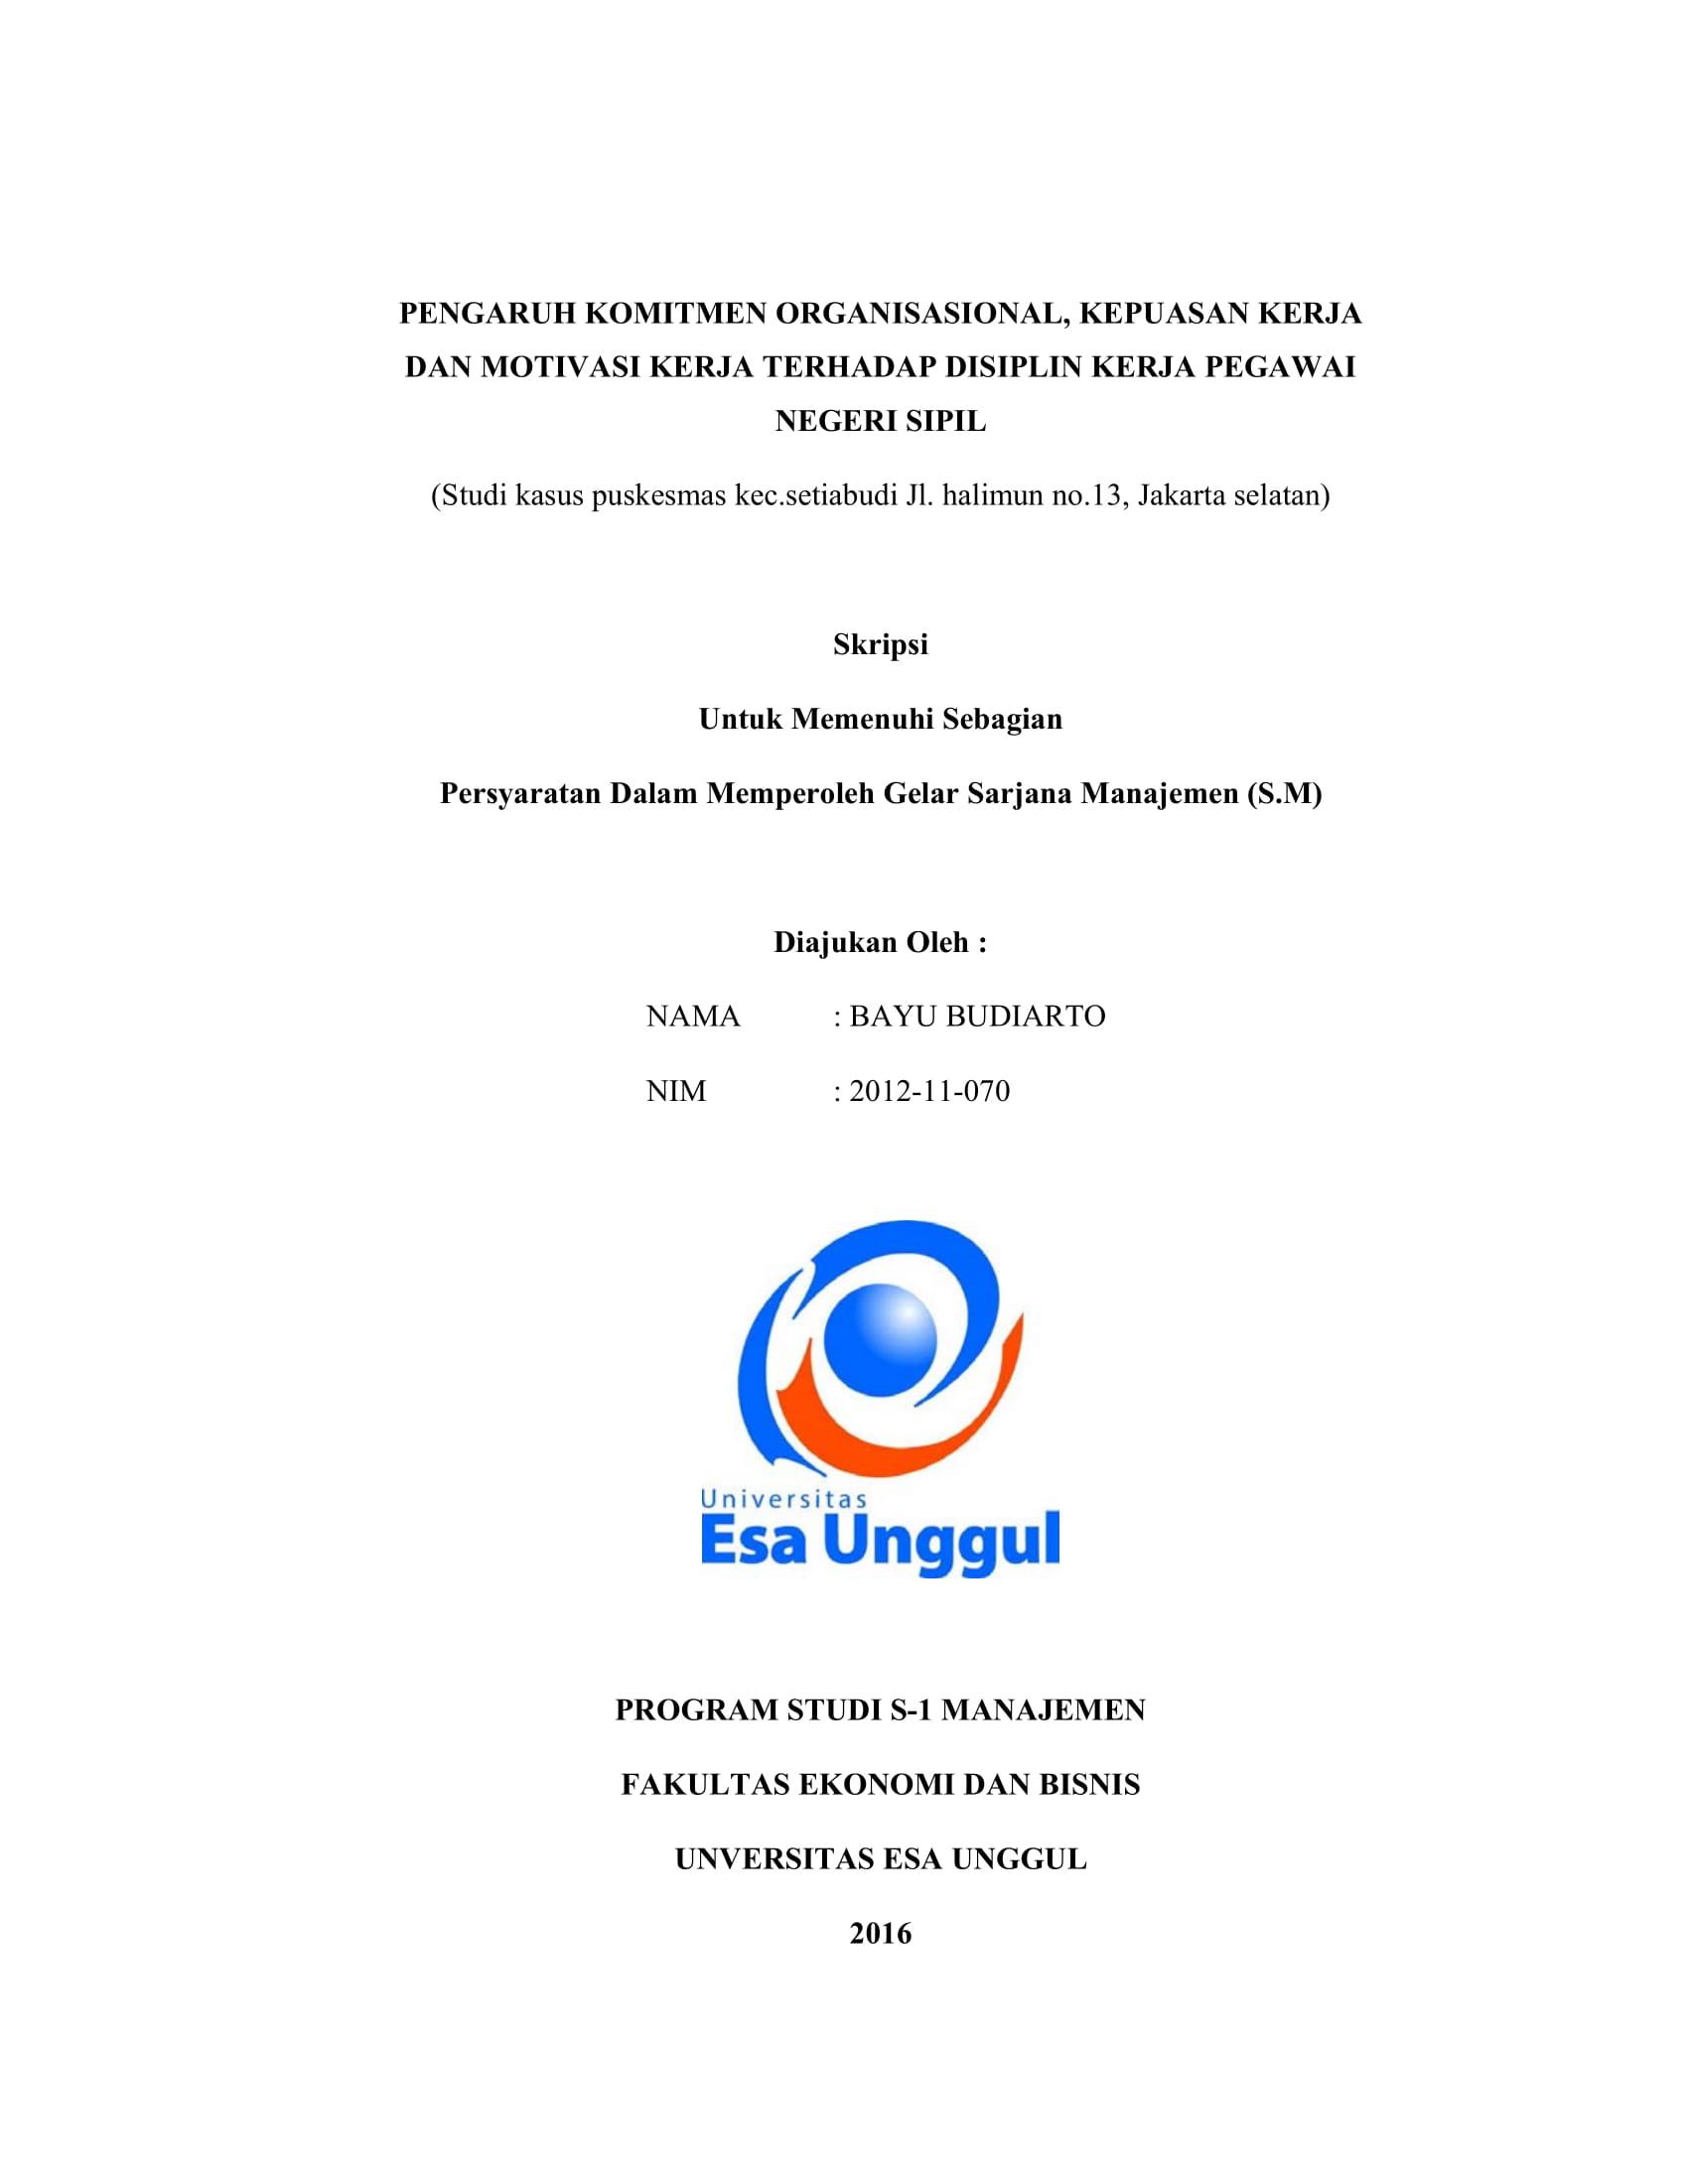 Pengaruh Komitmen Organisasional, Kepuasan Kerja dan Motivasi Kerja Terhadap Disiplin Kerja Pegawai Negeri Sipil (Studi Kasus Puskesmas Kec. Setiabudi Jl. Halimun No. 13, Jakarta Selatan)